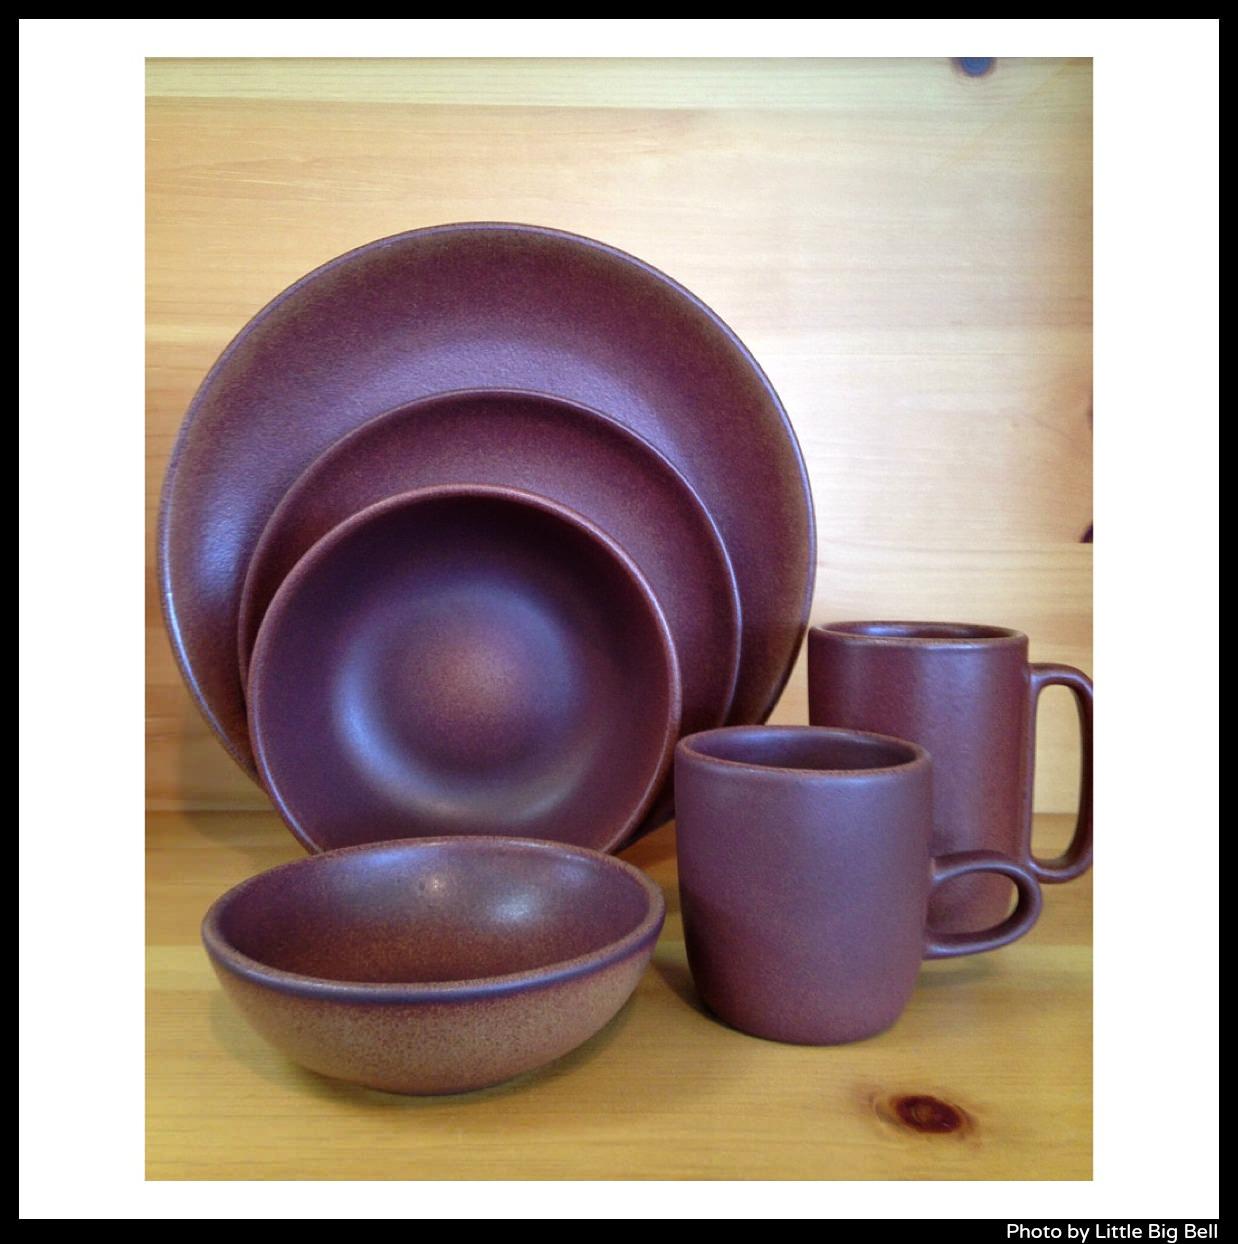 Littlebigbell Heath Ceramics Dinner Set